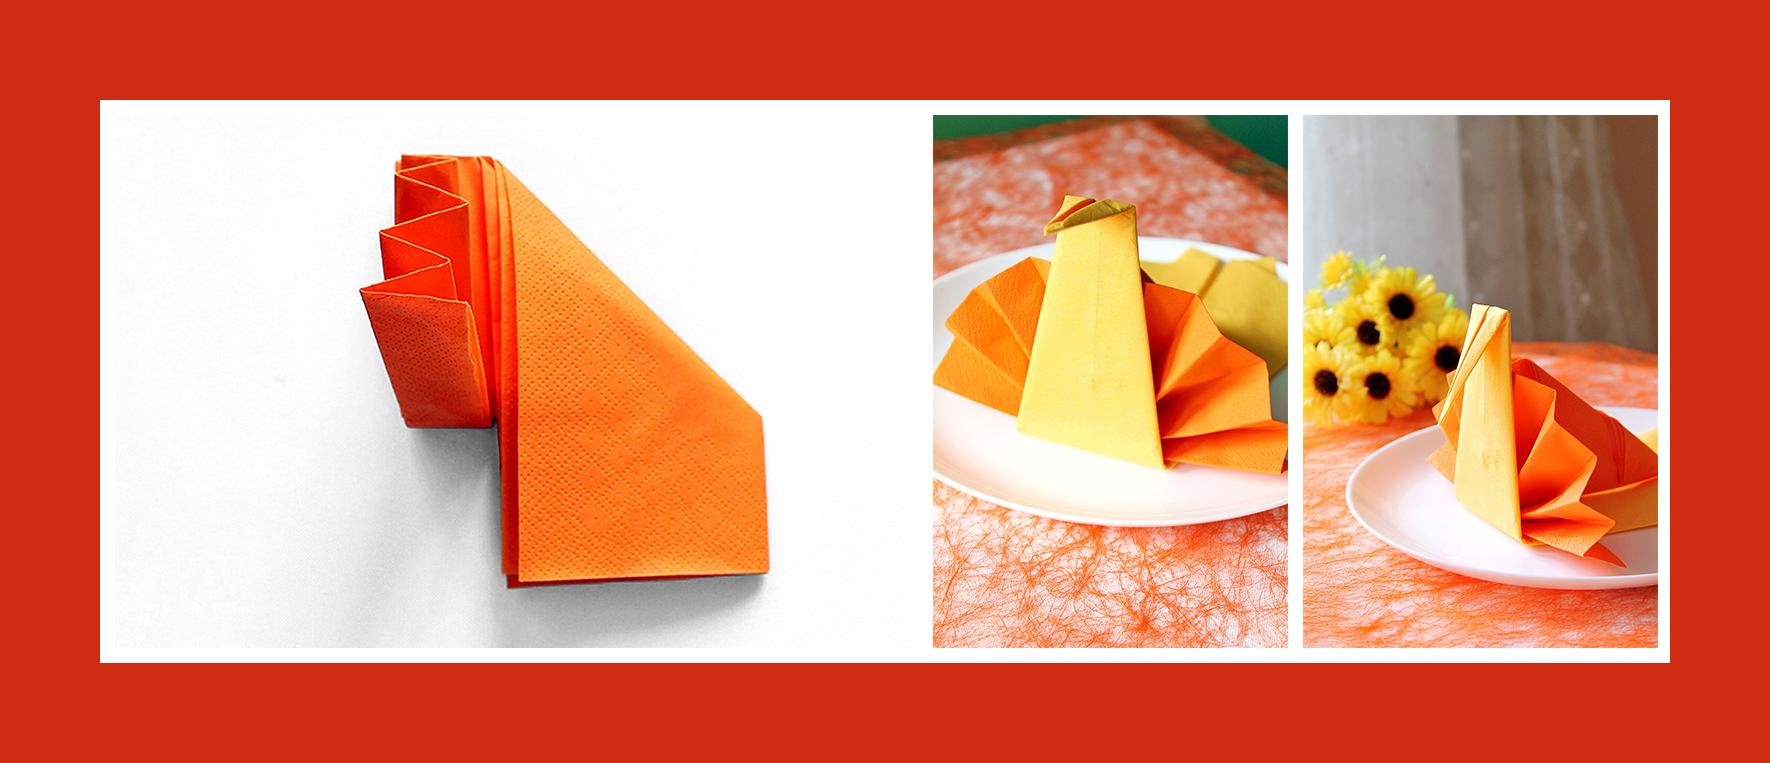 Servietten falten orangene Servietten